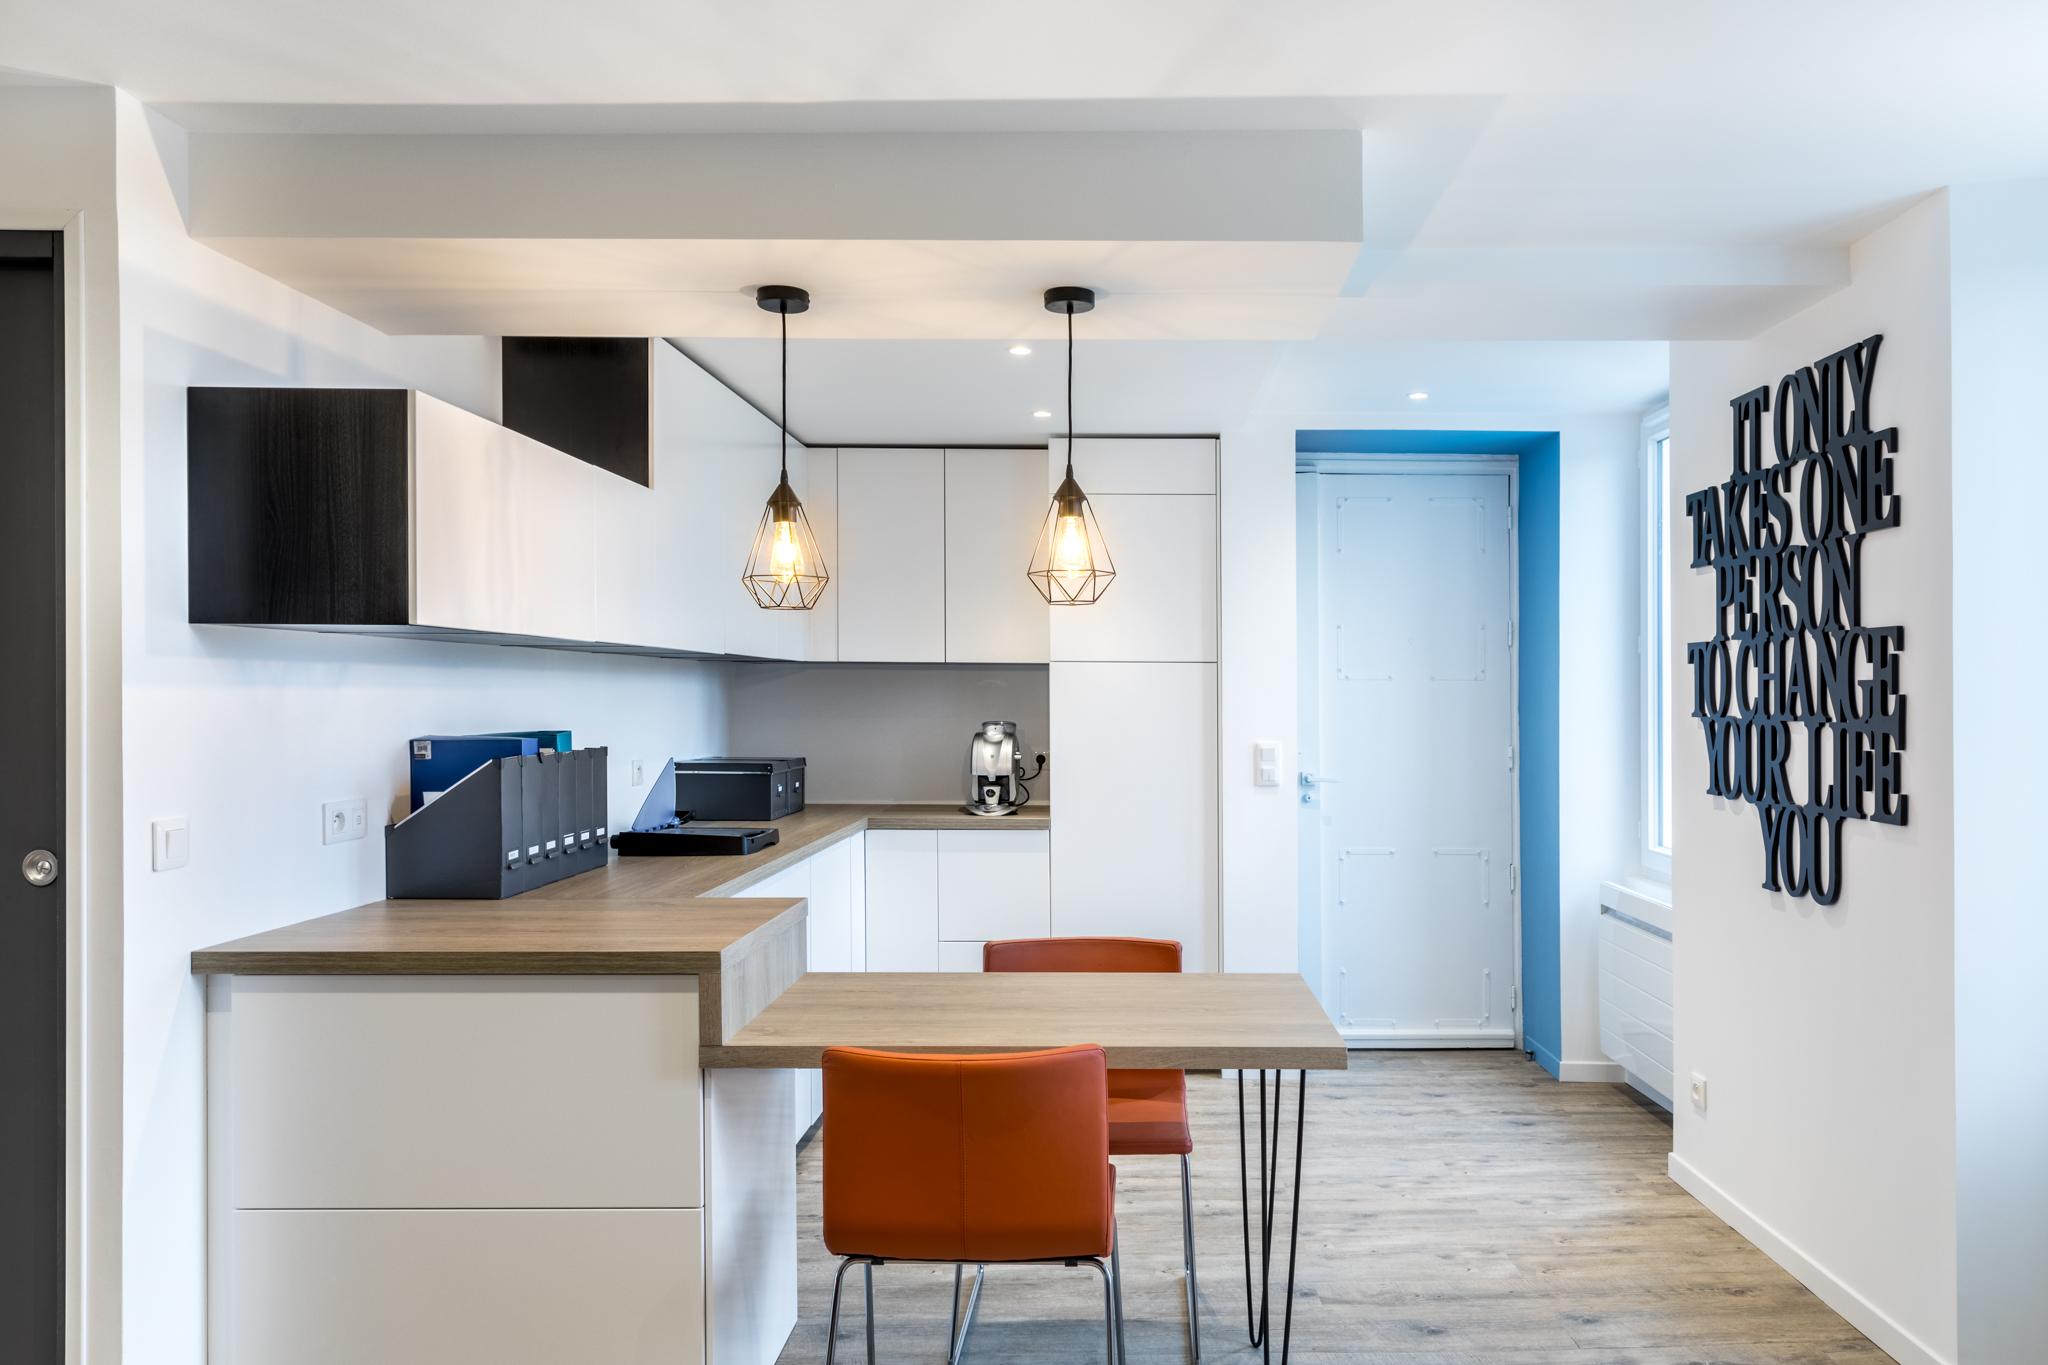 Alain Delange Photographe Architecture design d'intérieur Décoration Eva Ivos